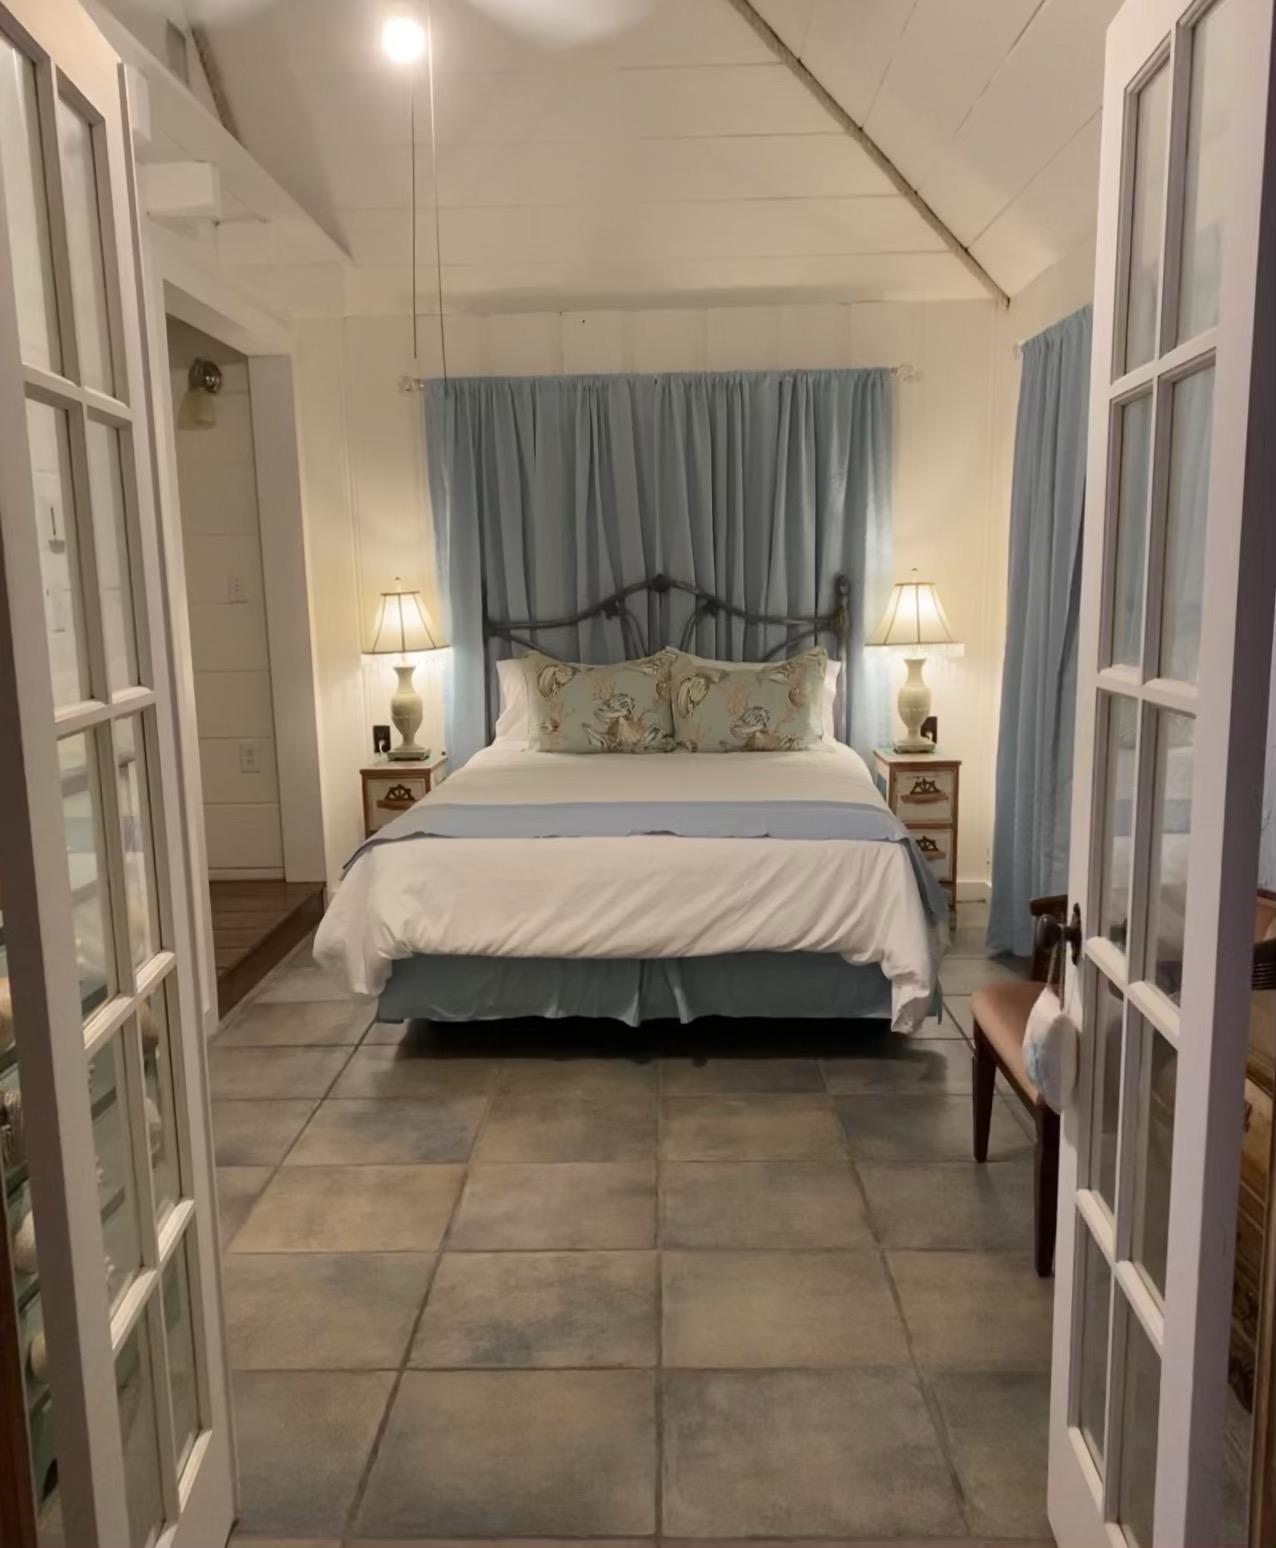 Bedroom with bathtub nook